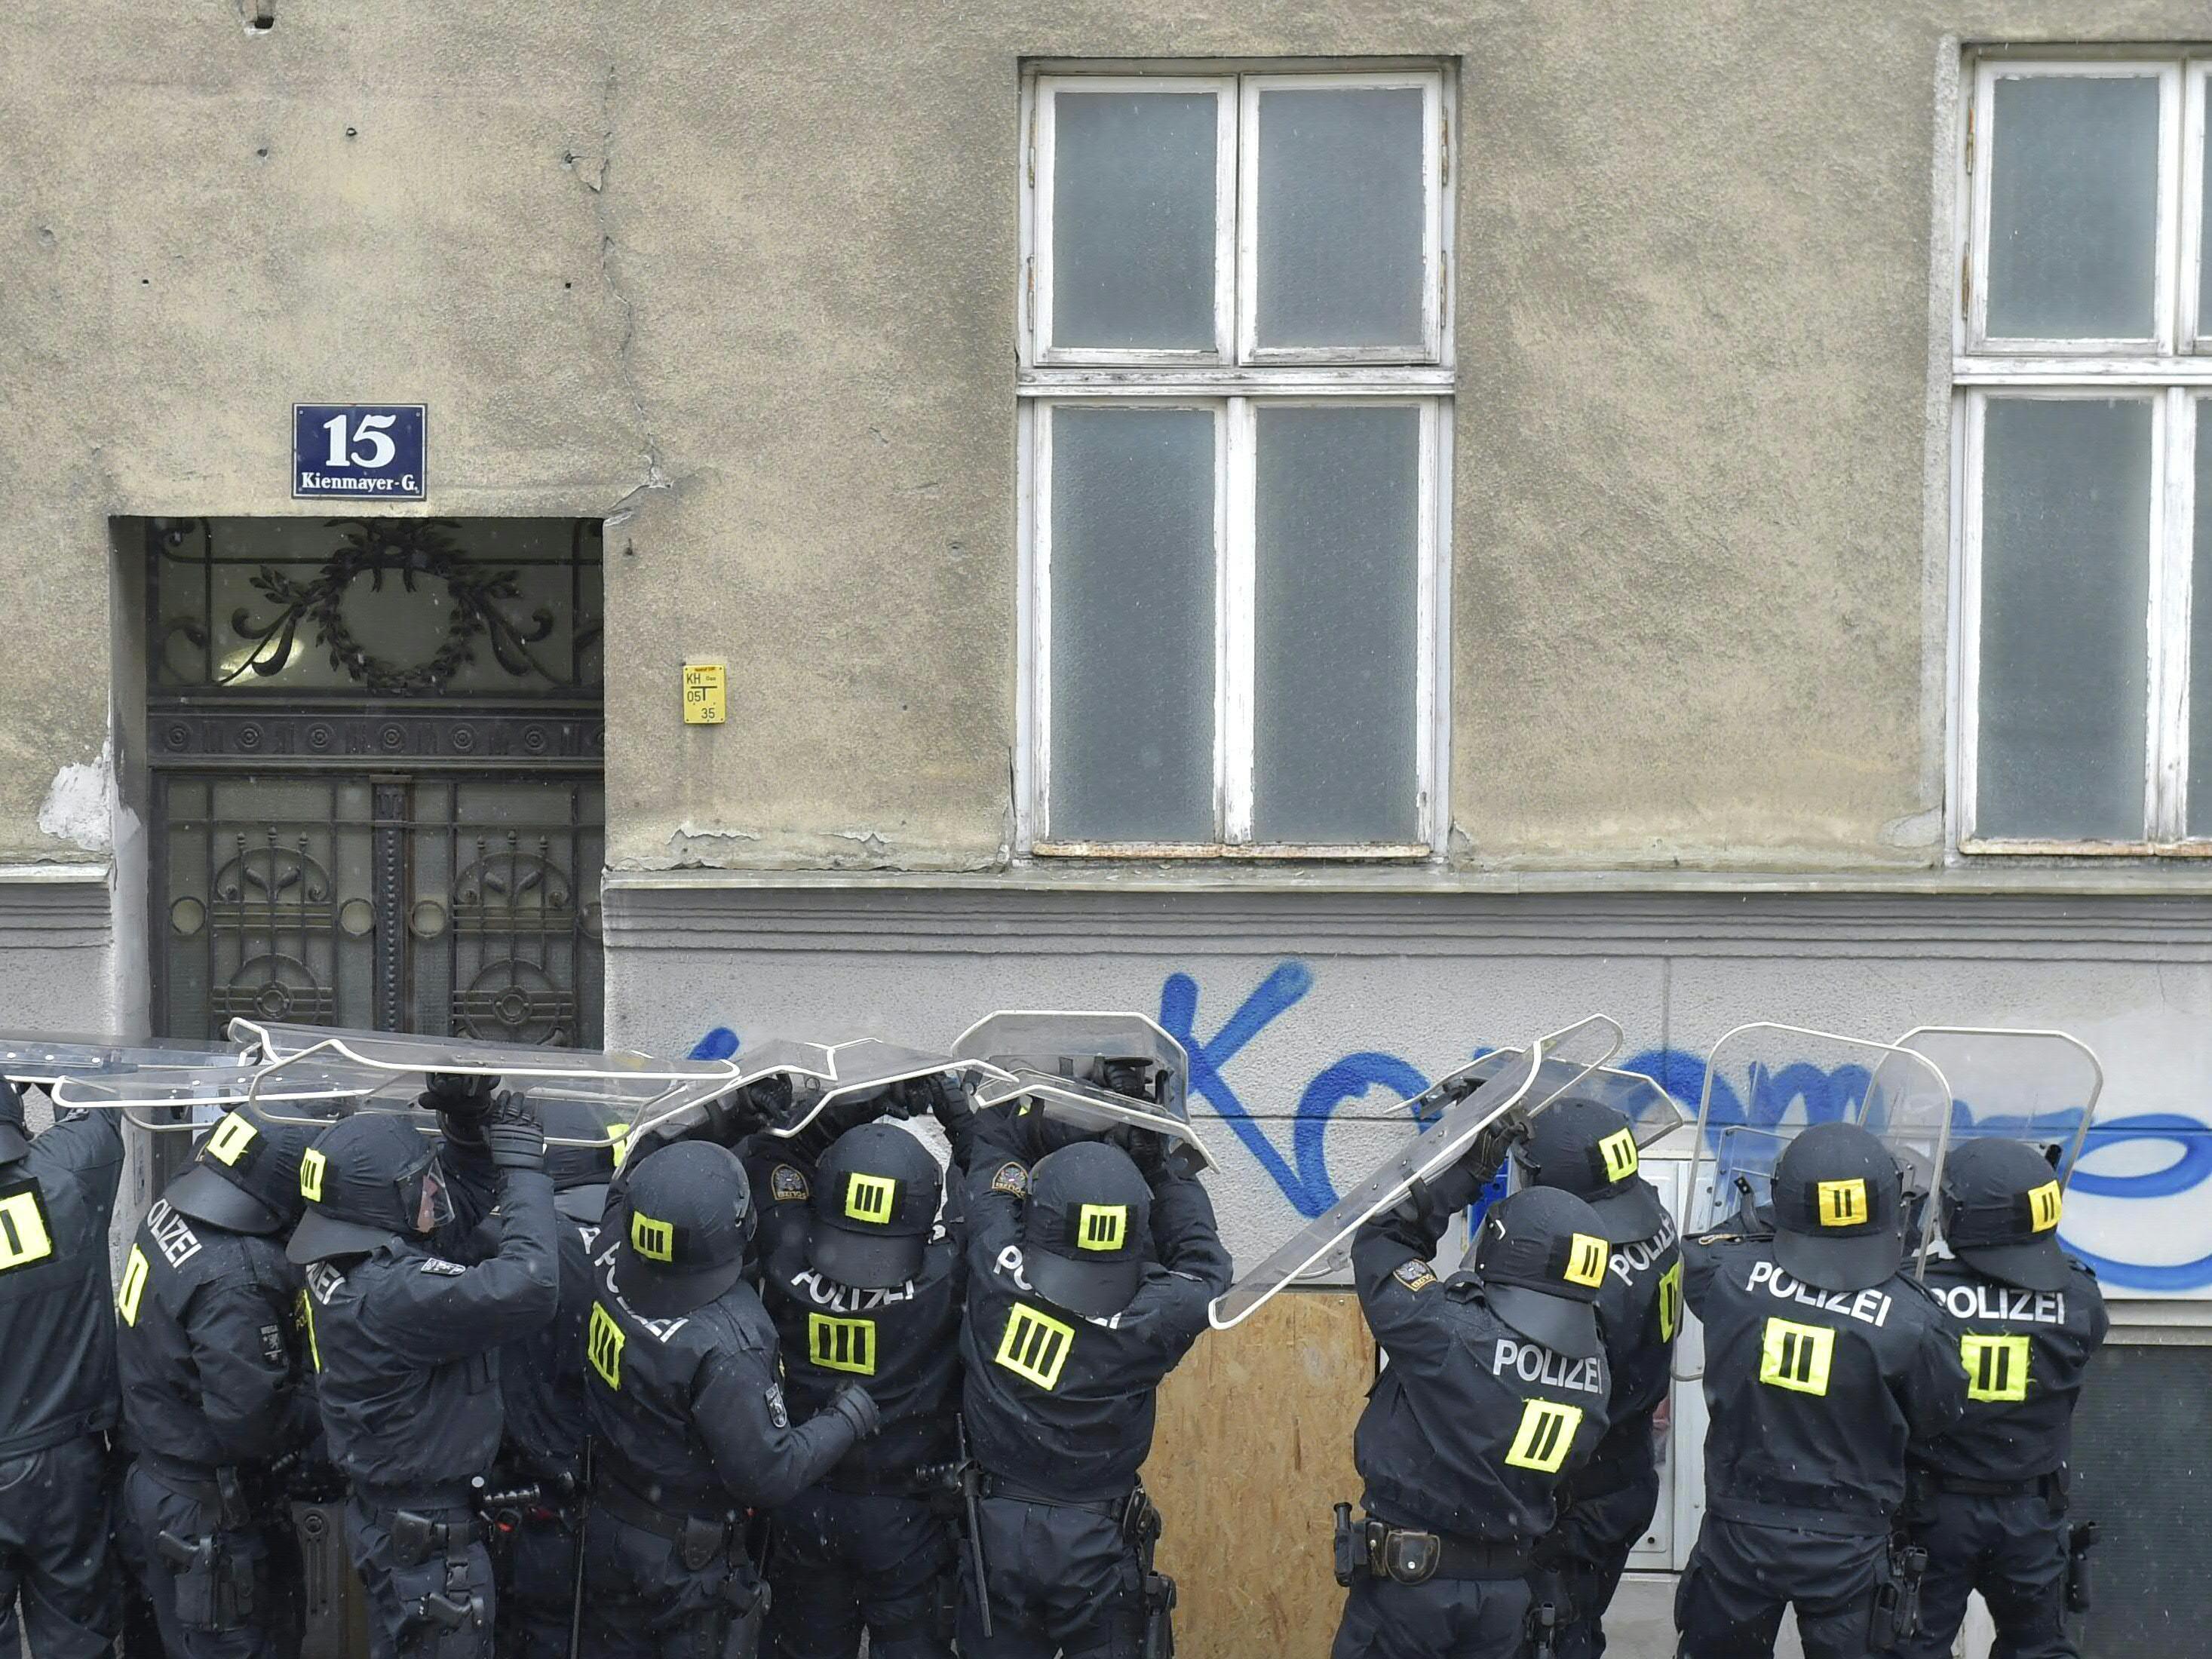 150 Polizeibeamte waren bei der Räumung des besetzten Hauses in Wien-Penzing im Einsatz.